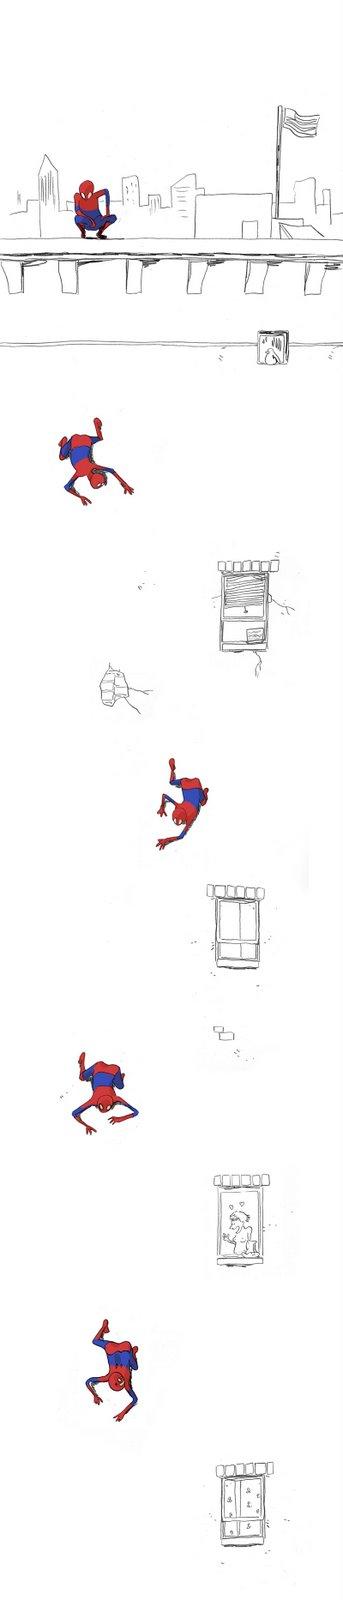 Homem-aranha também erra